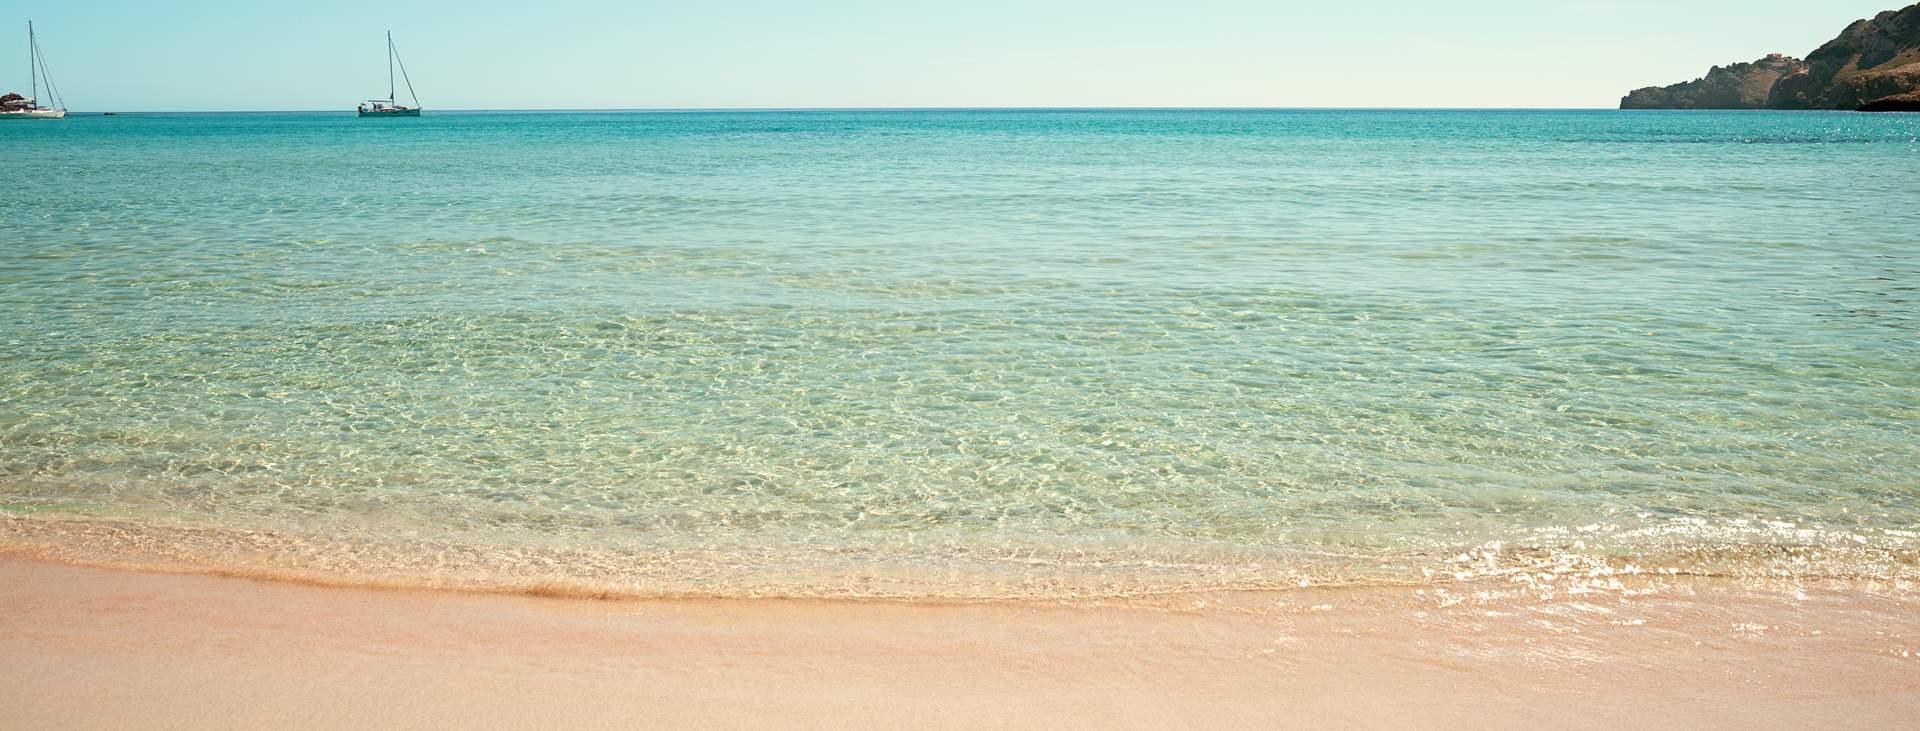 Päivä merellä - Katamaraani